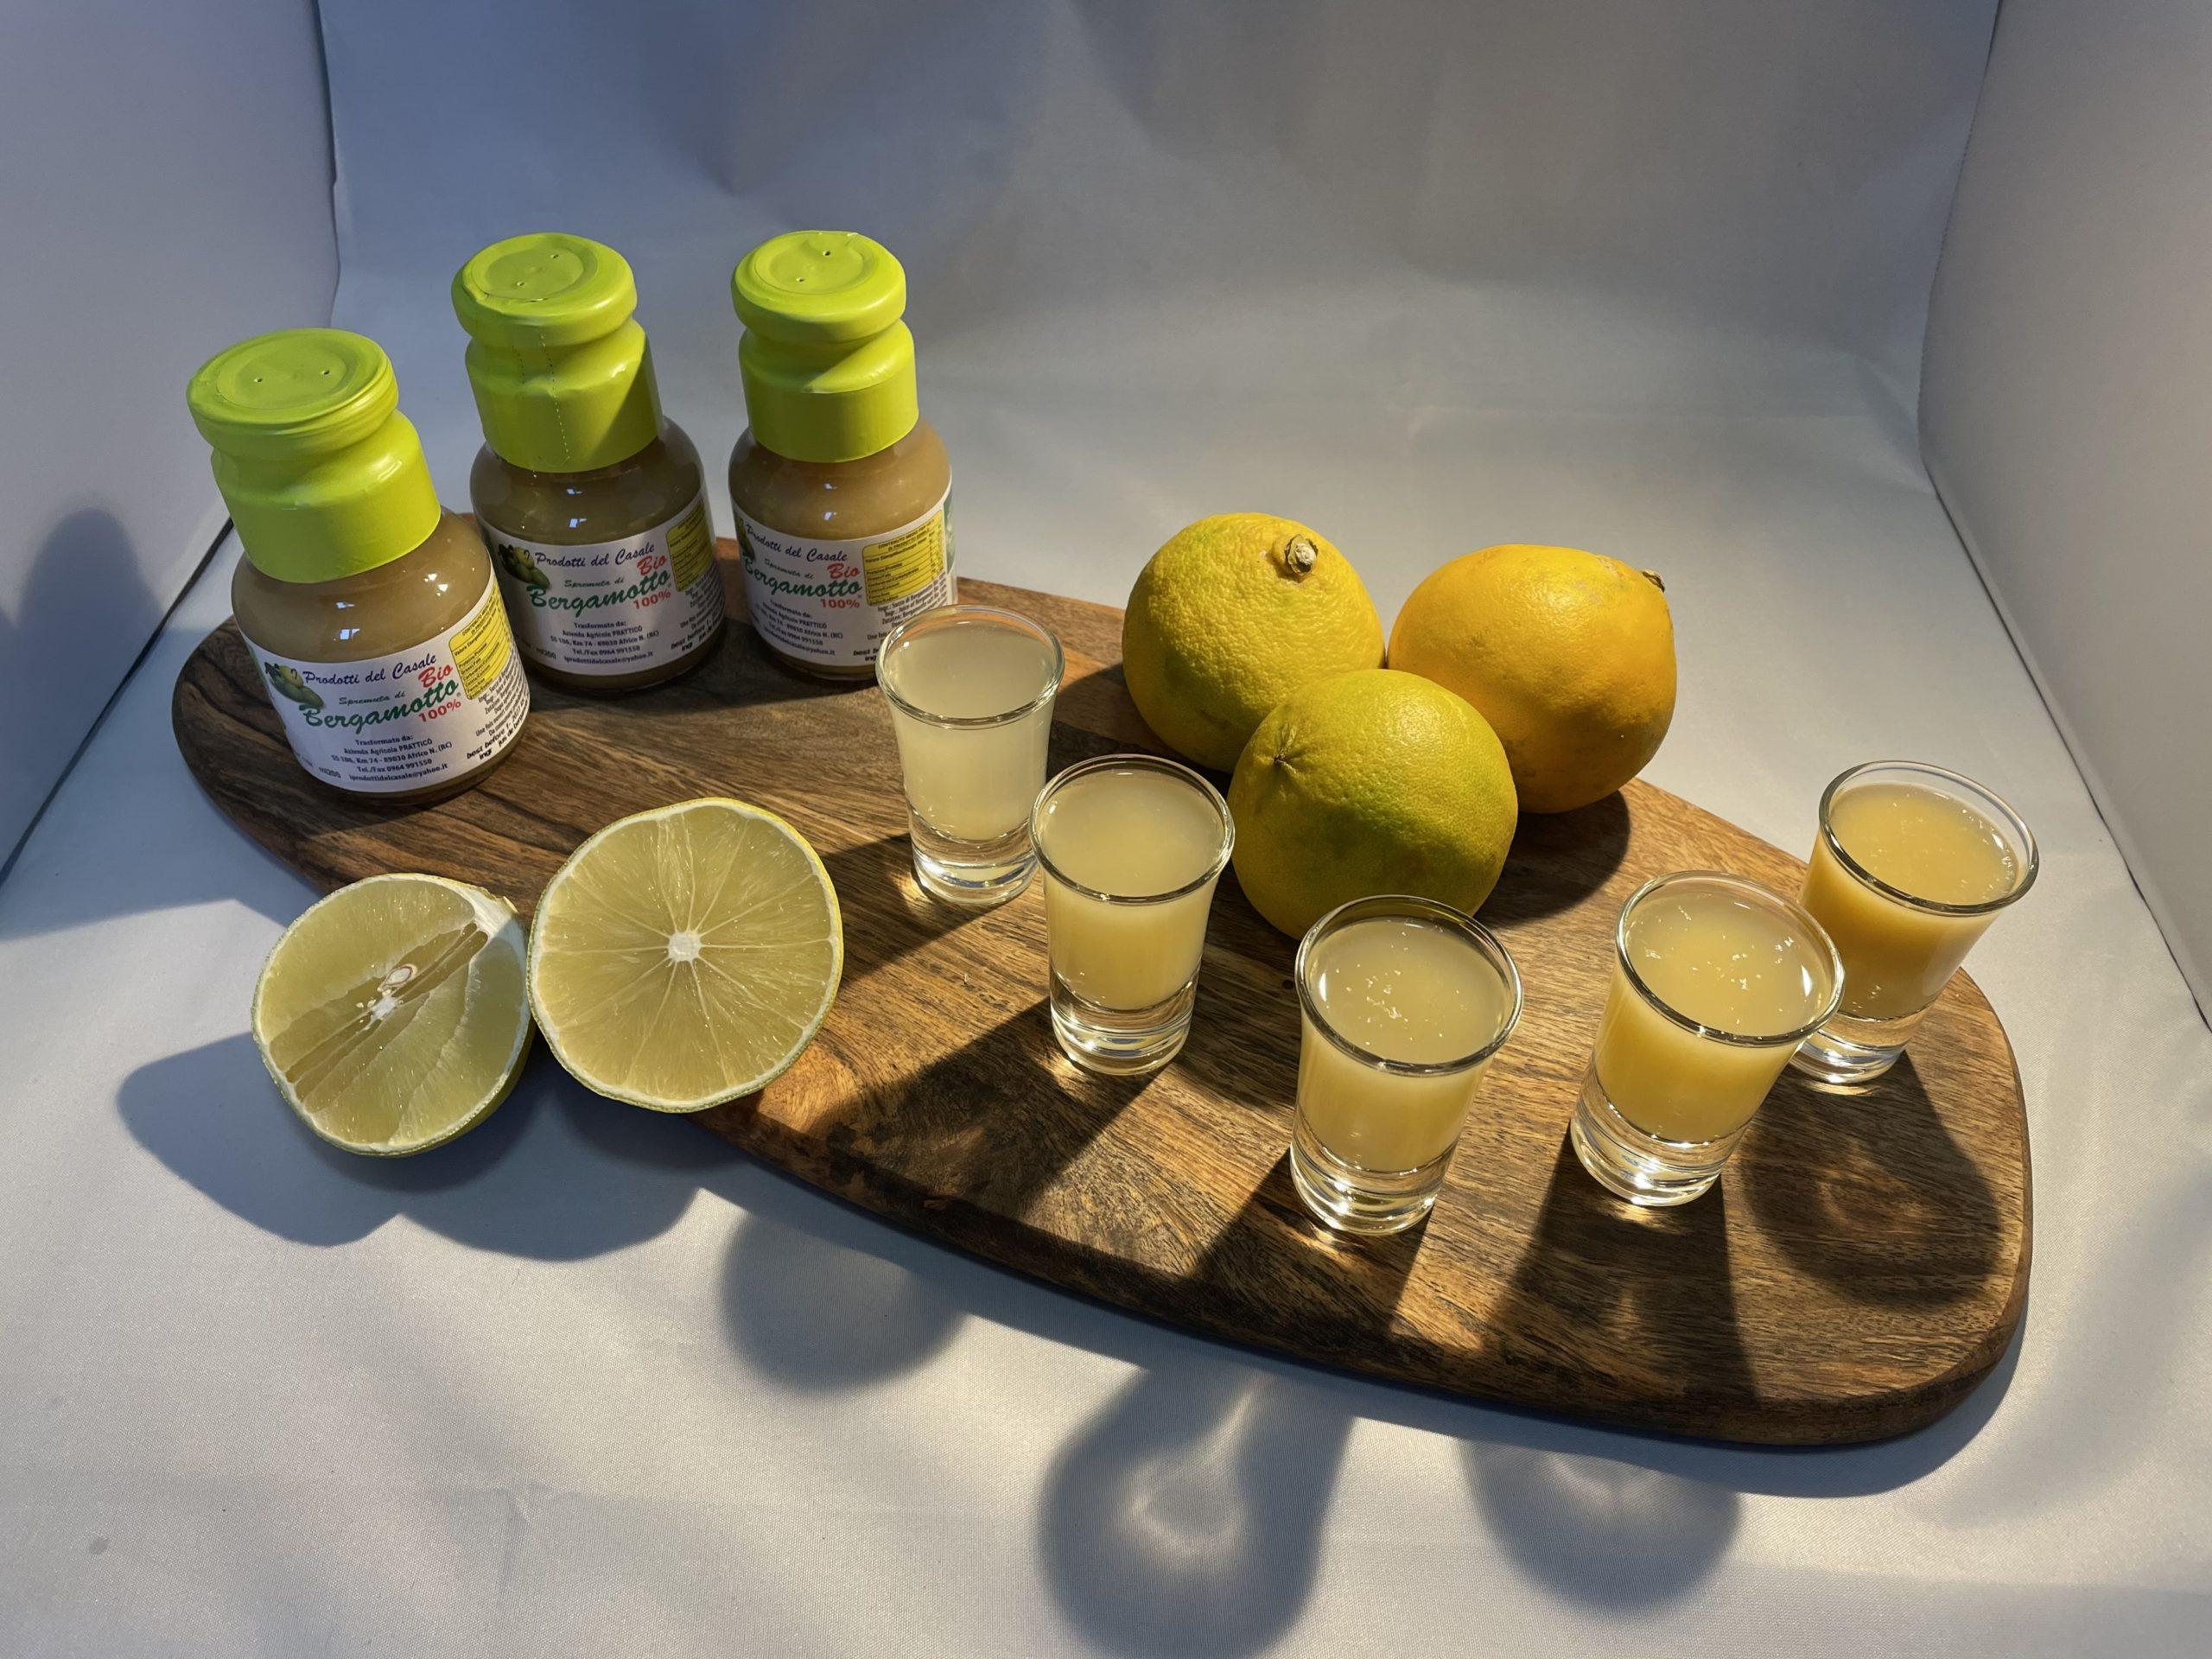 Jus de bergamotte pack de 12 bouteilles - produit d'italie - calabre